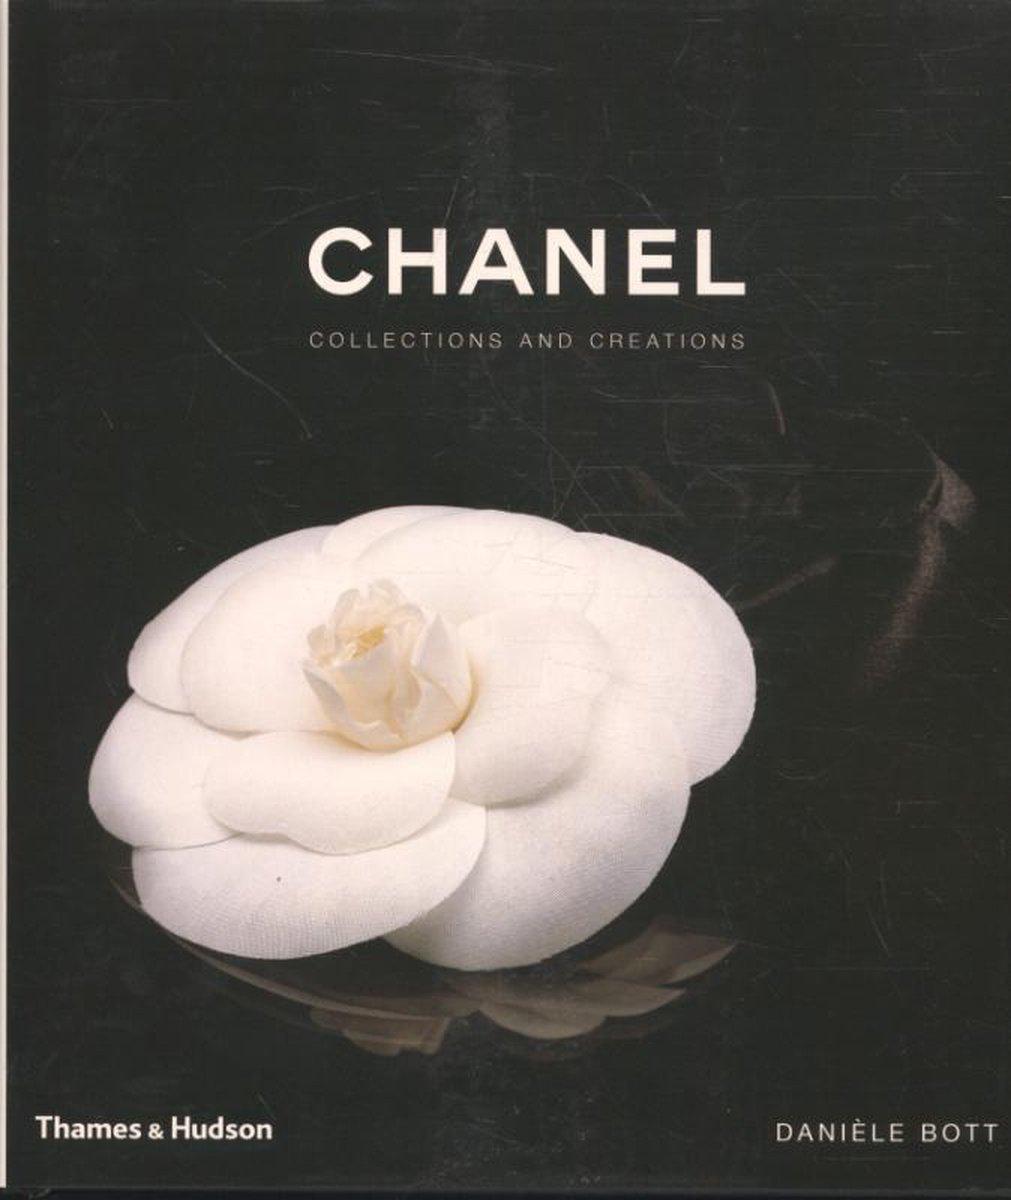 Chanel - Daniele Bott